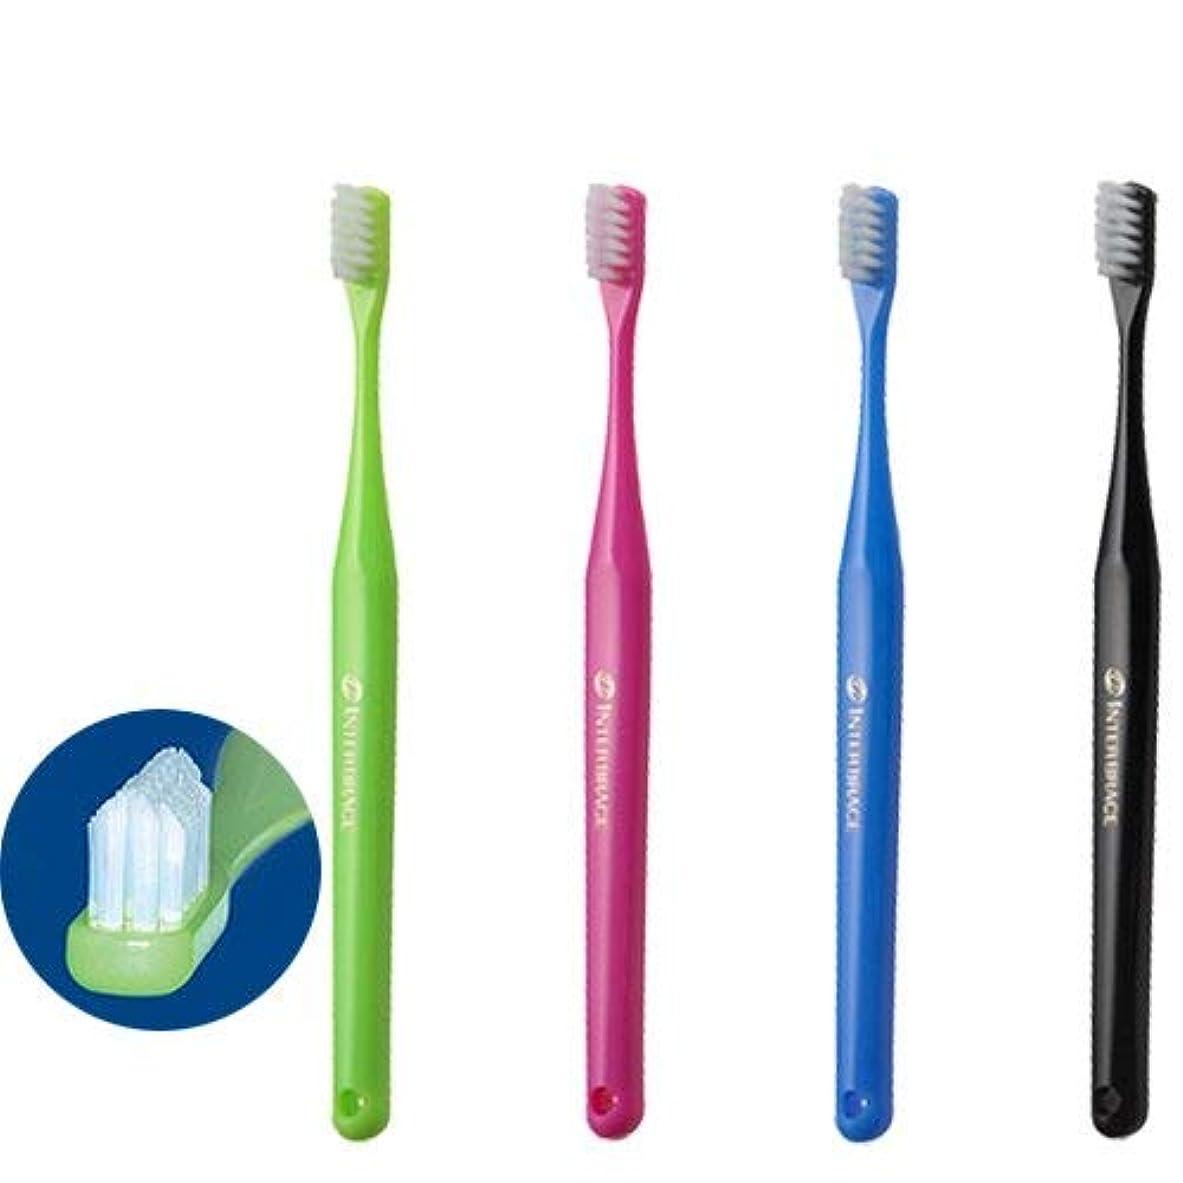 インターブレイス (INTER BRACE) ×8本 矯正用歯ブラシ 歯科医院取扱品